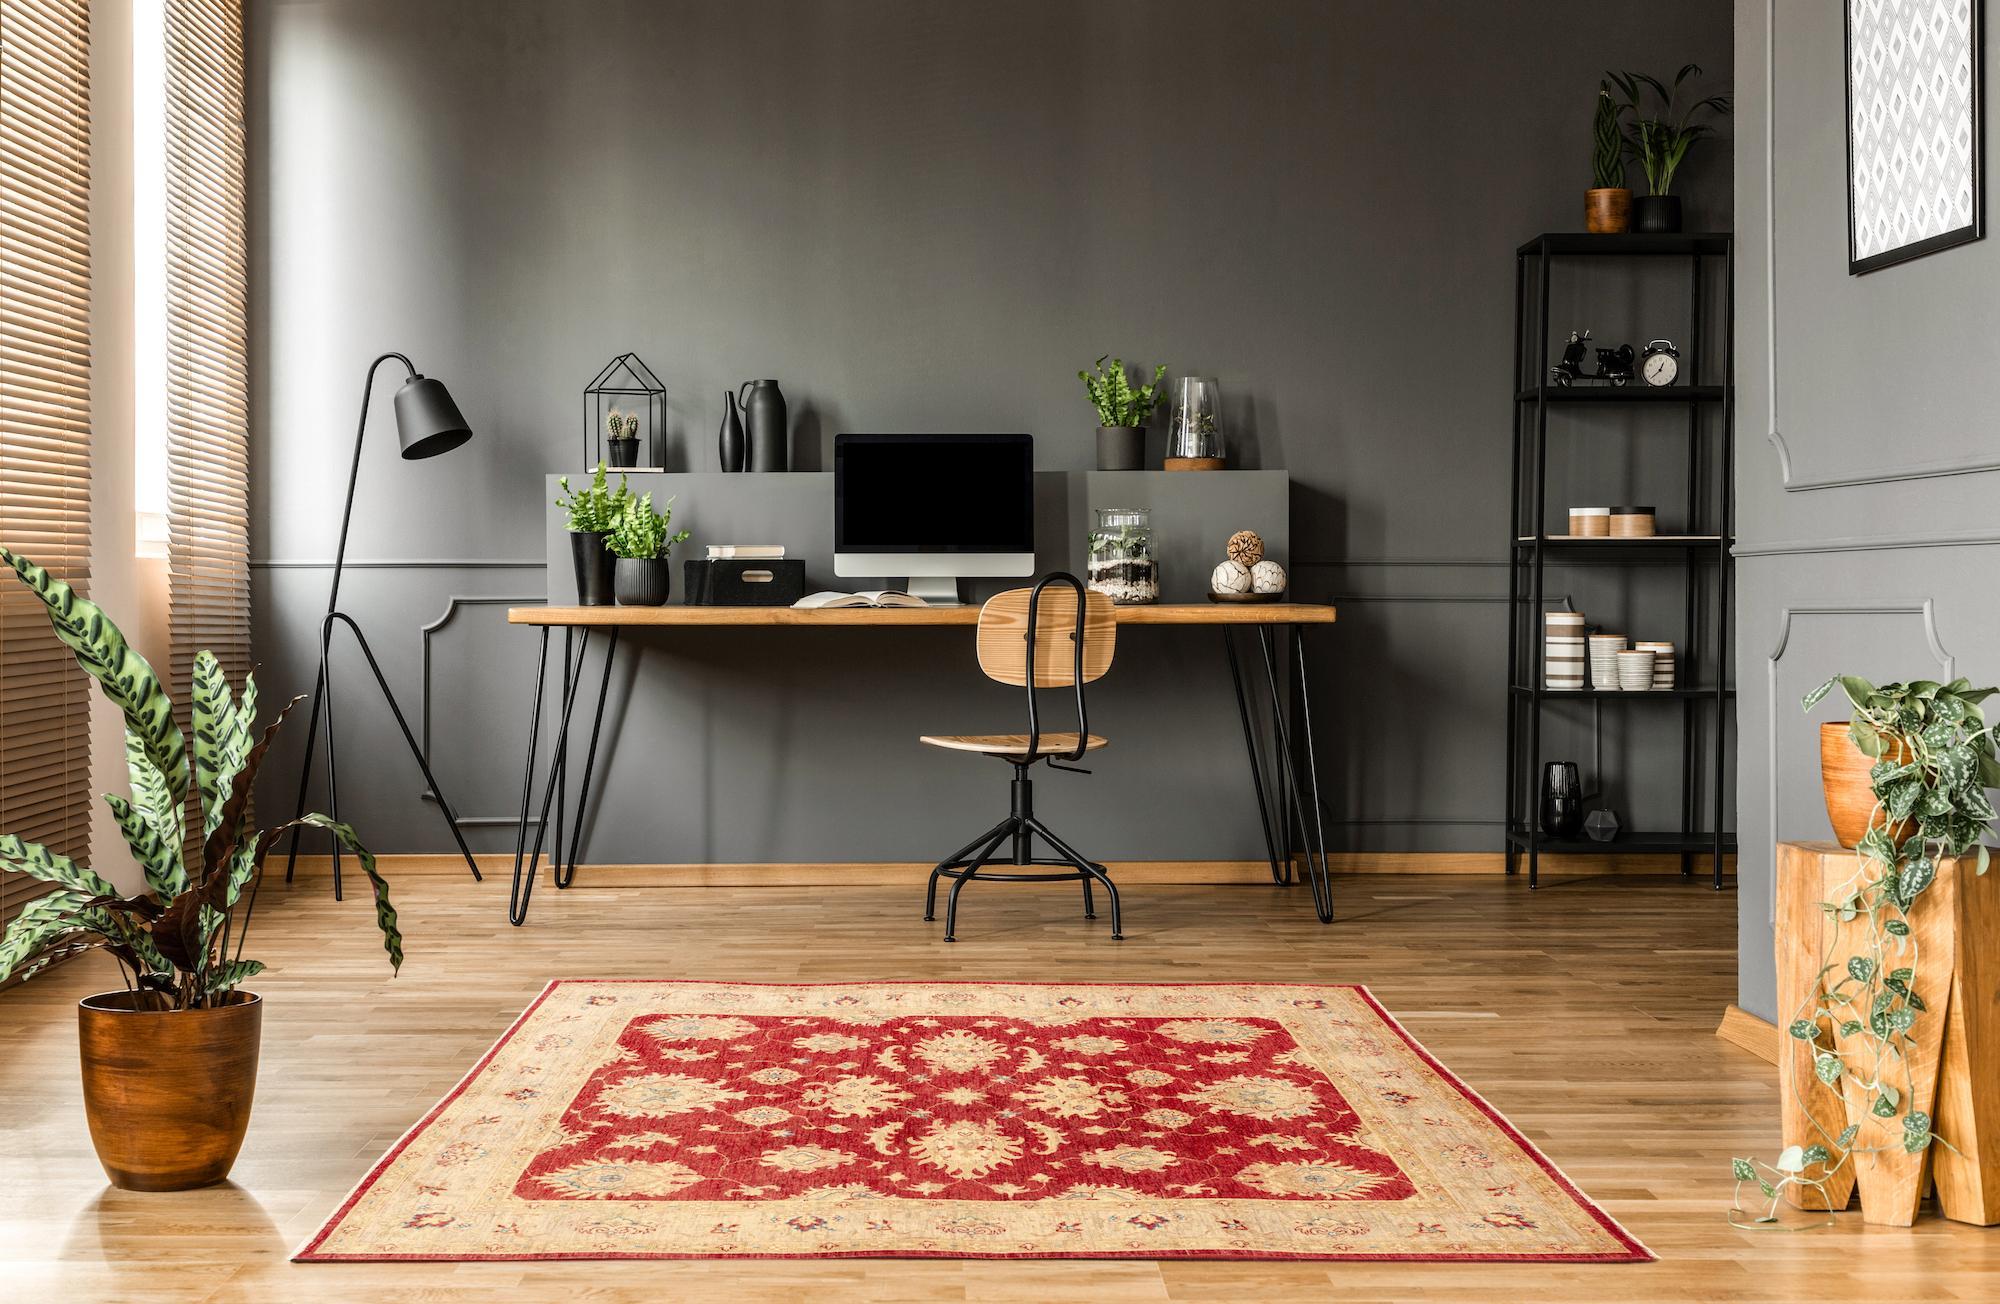 tappeto debaf rosso con fiori in studio casa moderna